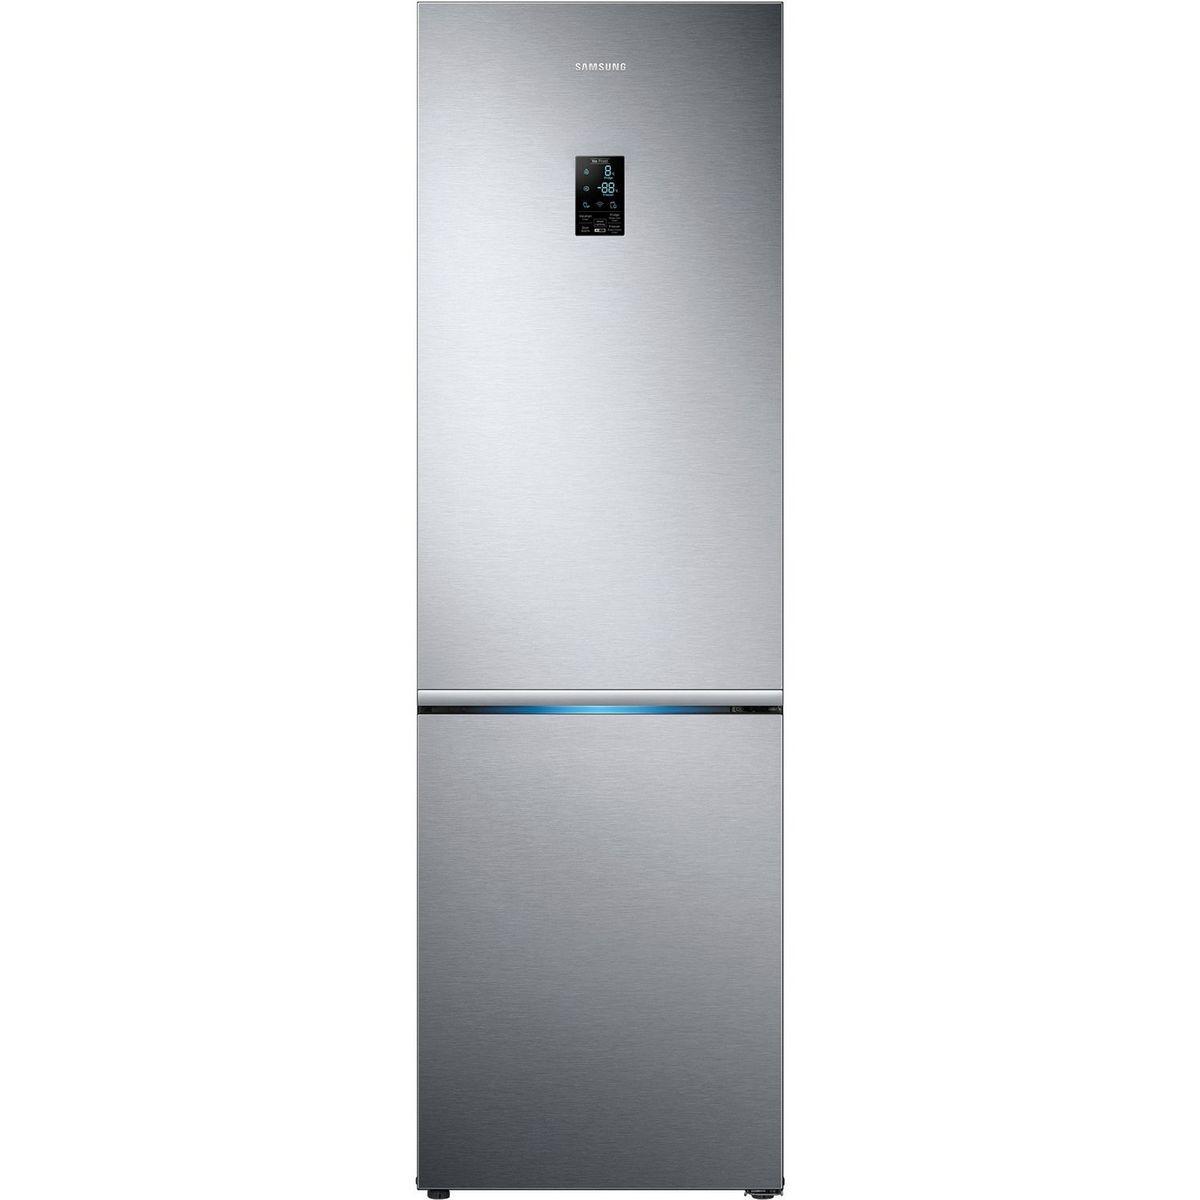 Réfrigérateur combiné RB34K6232SS, 344 L, Froid ventilé